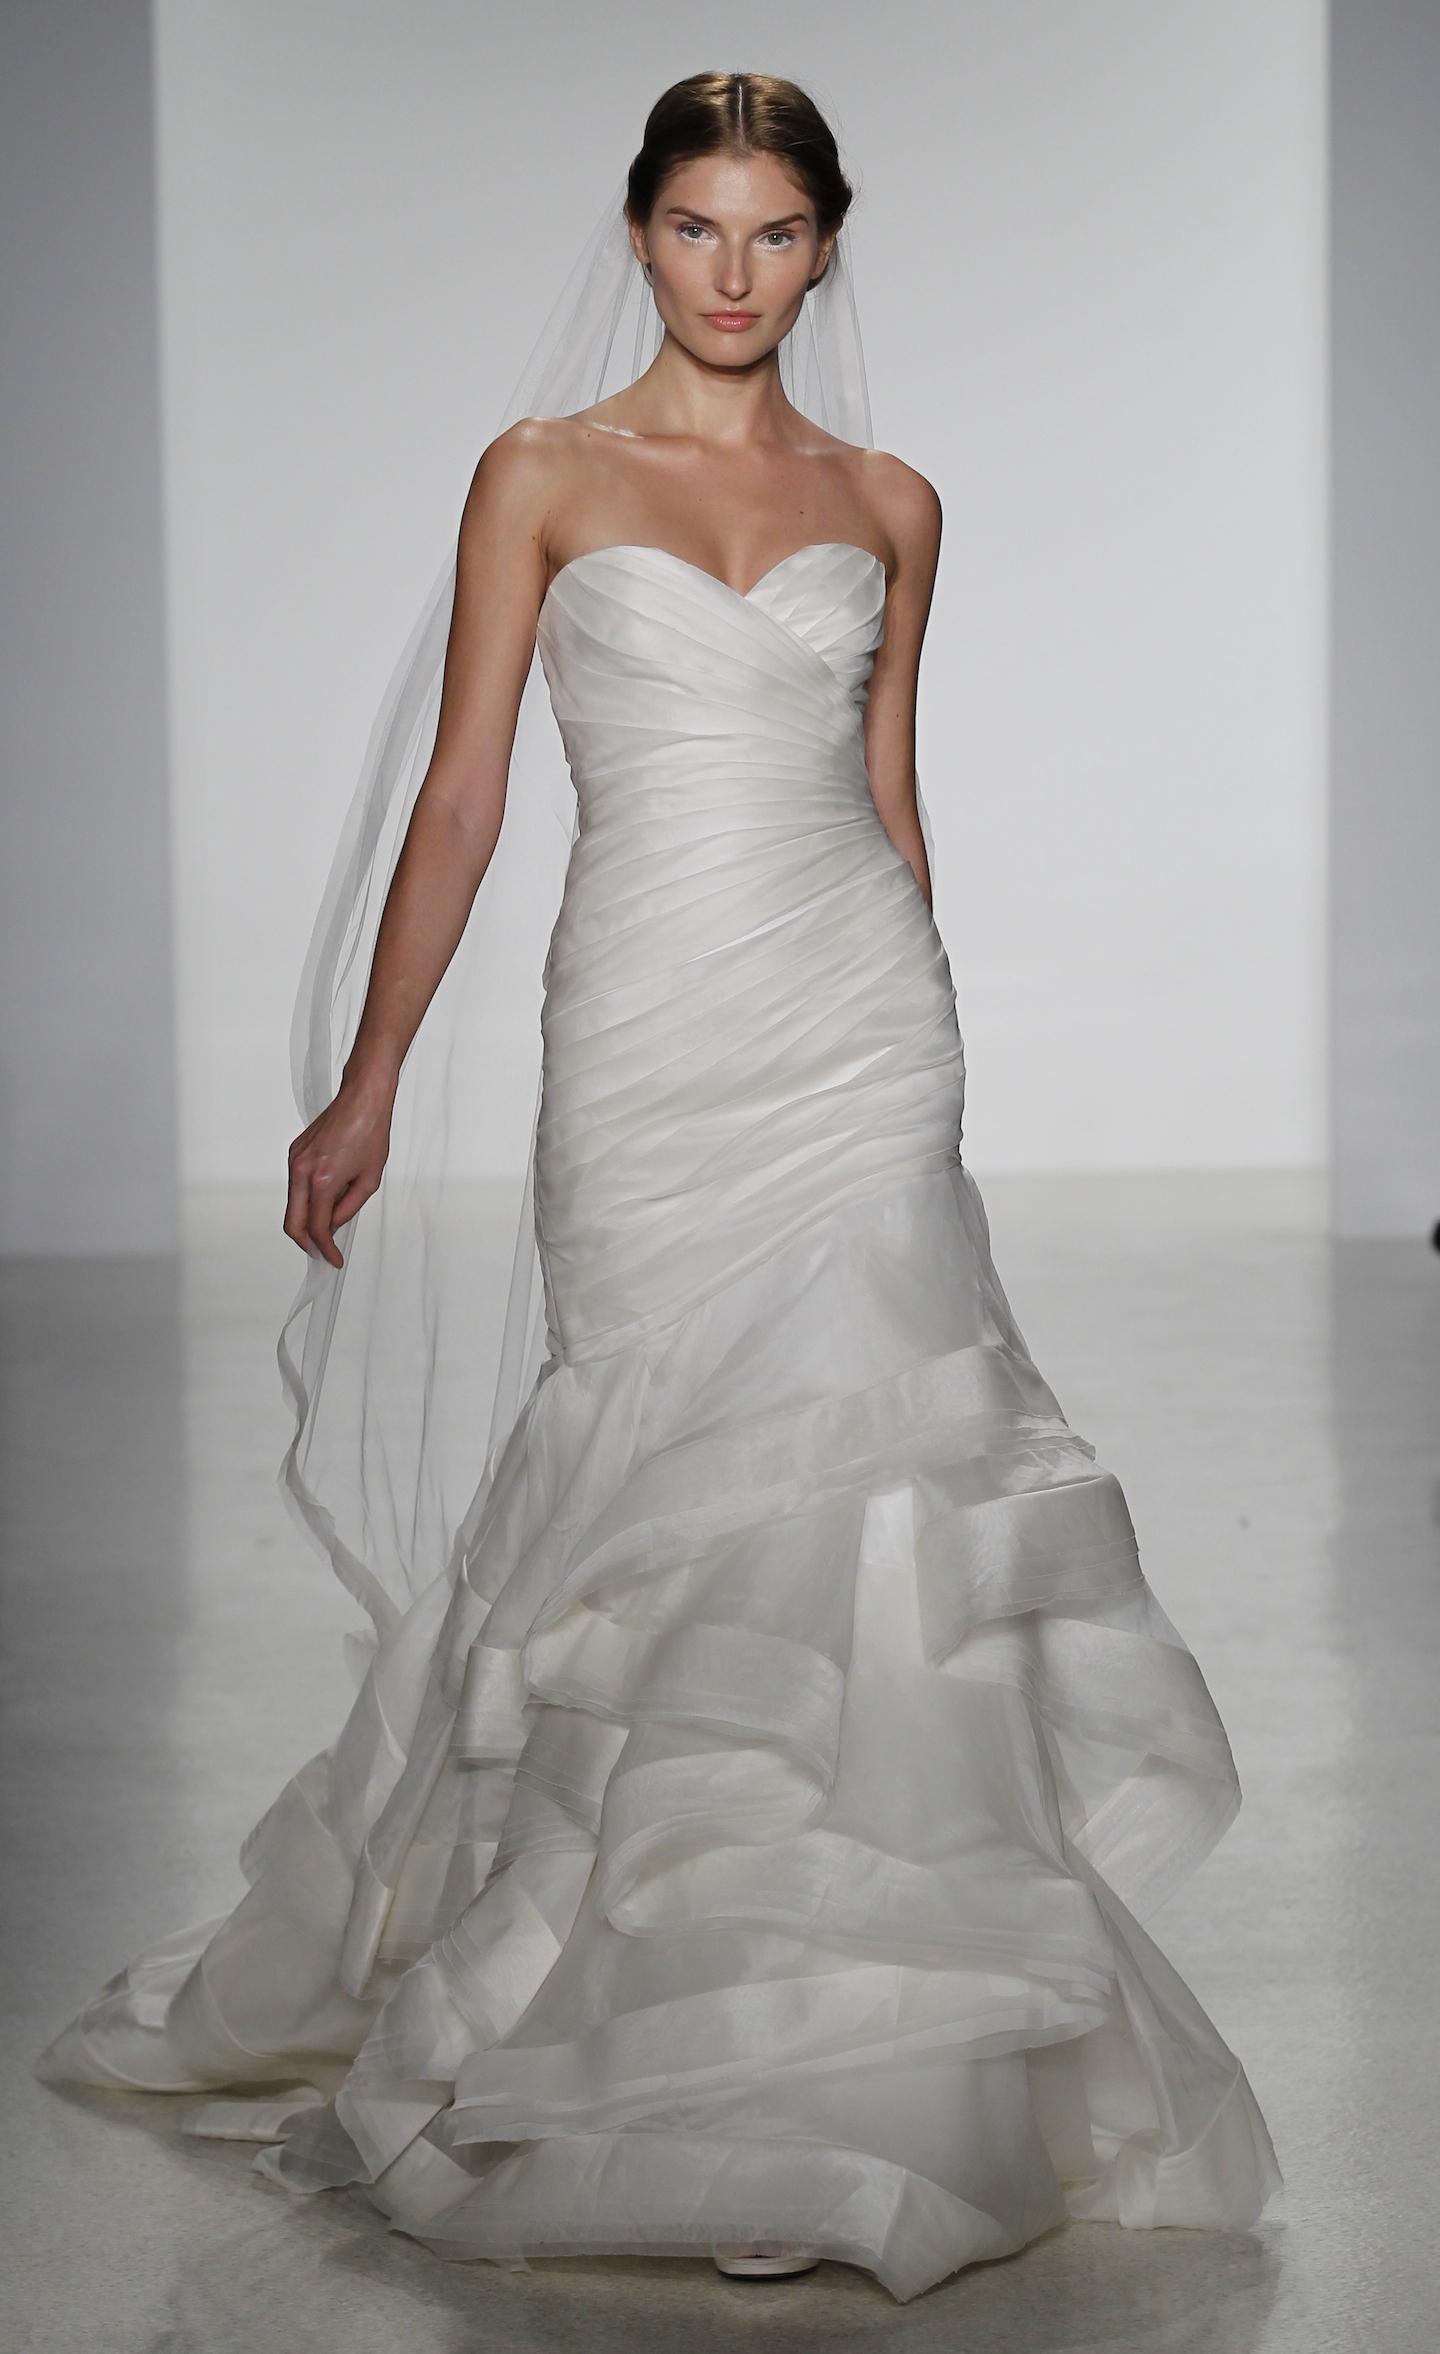 Peri Wedding Dress By Kelly Faetanini Fall 2014 Bridal